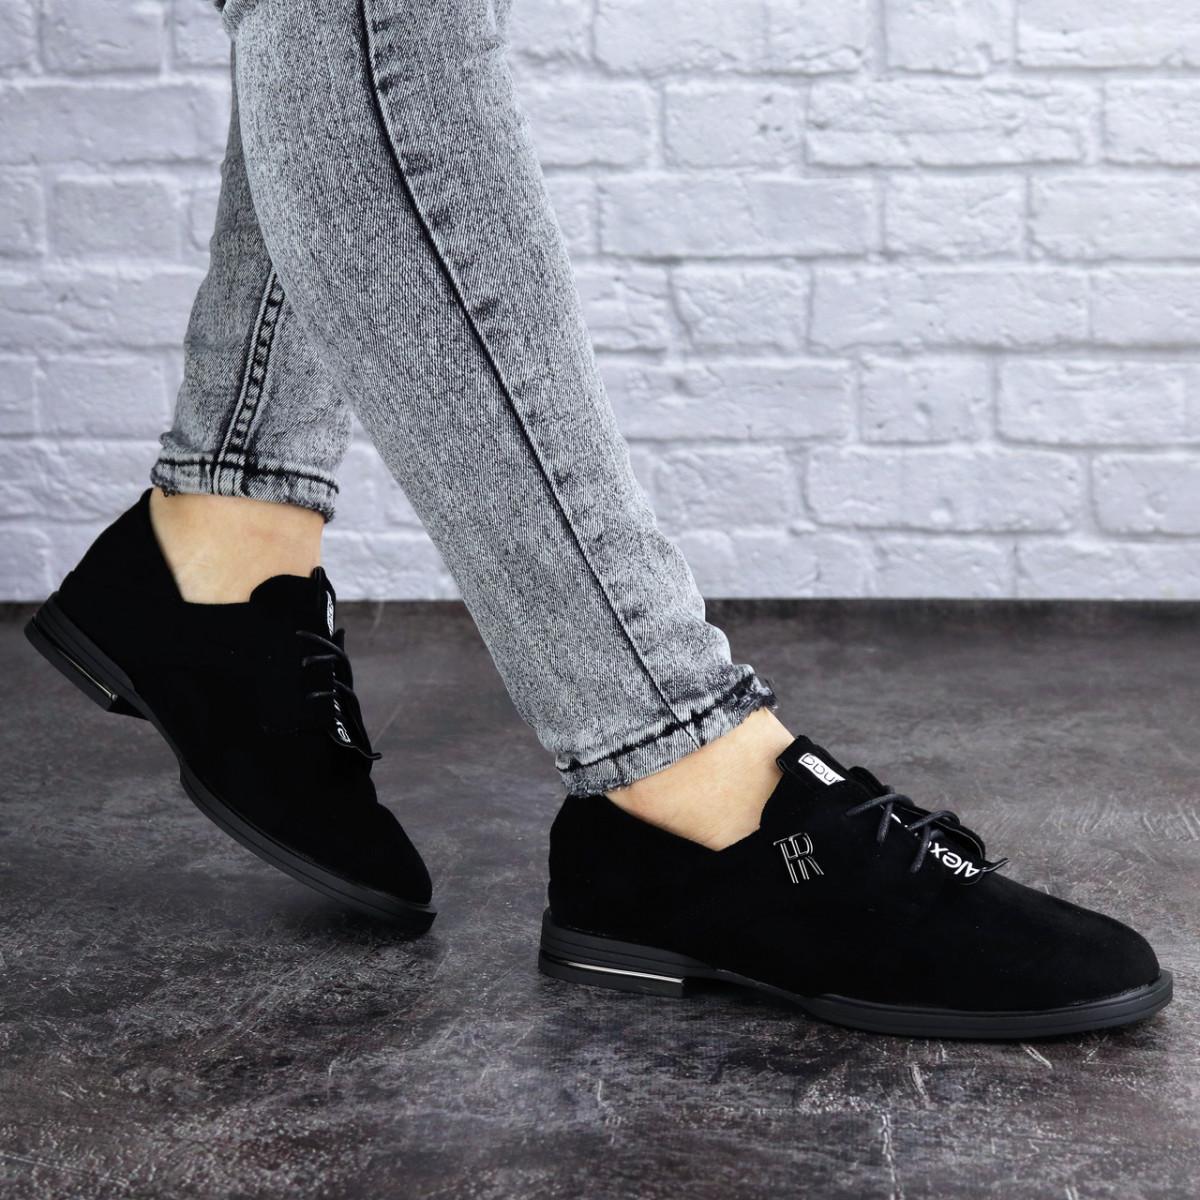 Женские туфли Fashion Trent 2023 37 размер 23,5 см Черный